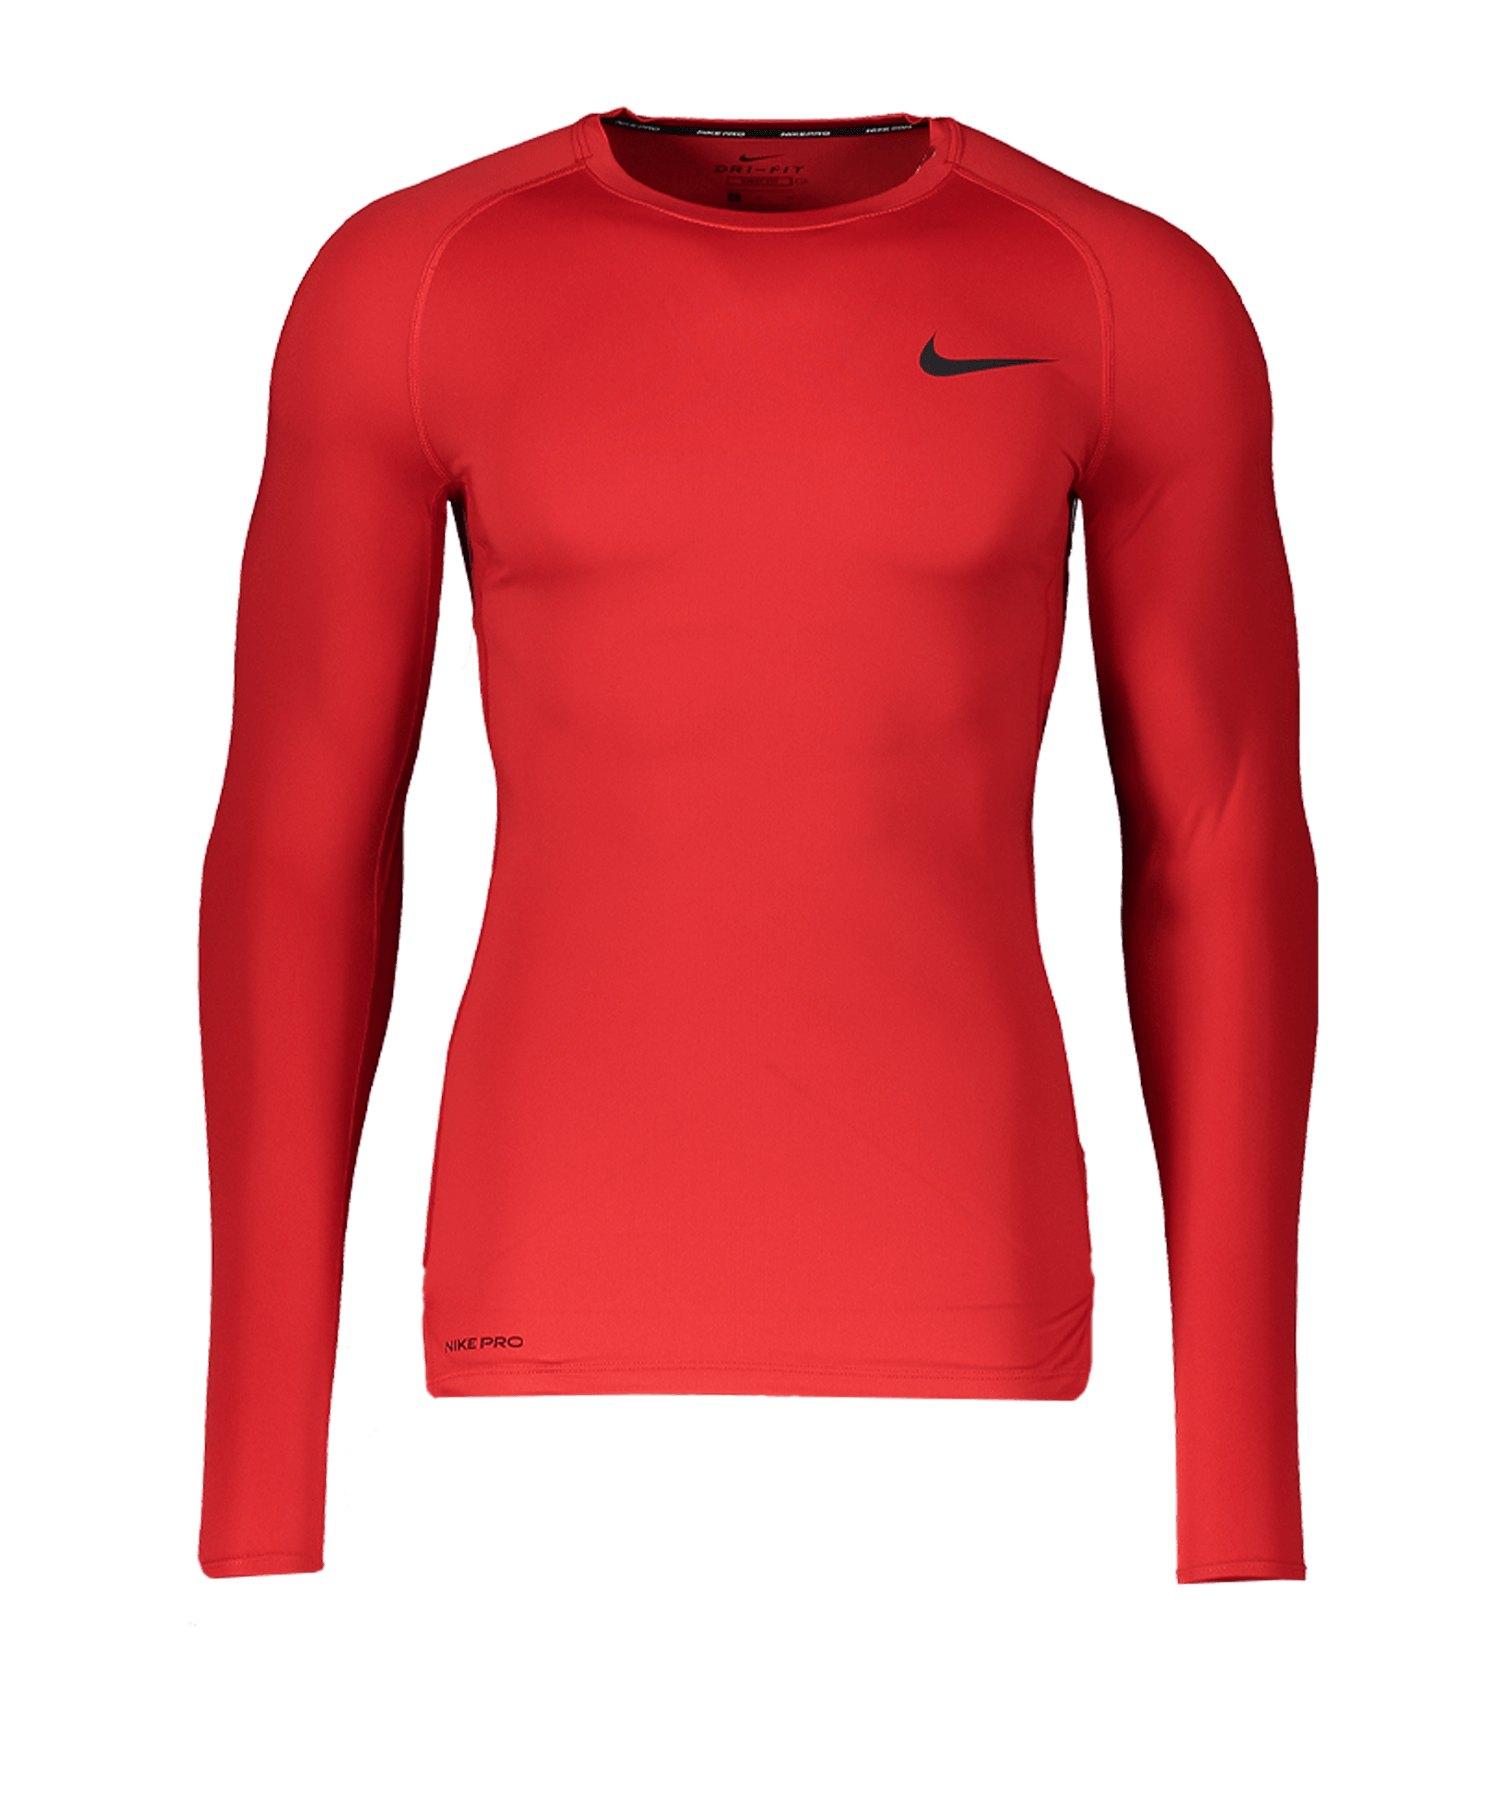 Nike Pro Langarmshirt Rot F657 - rot